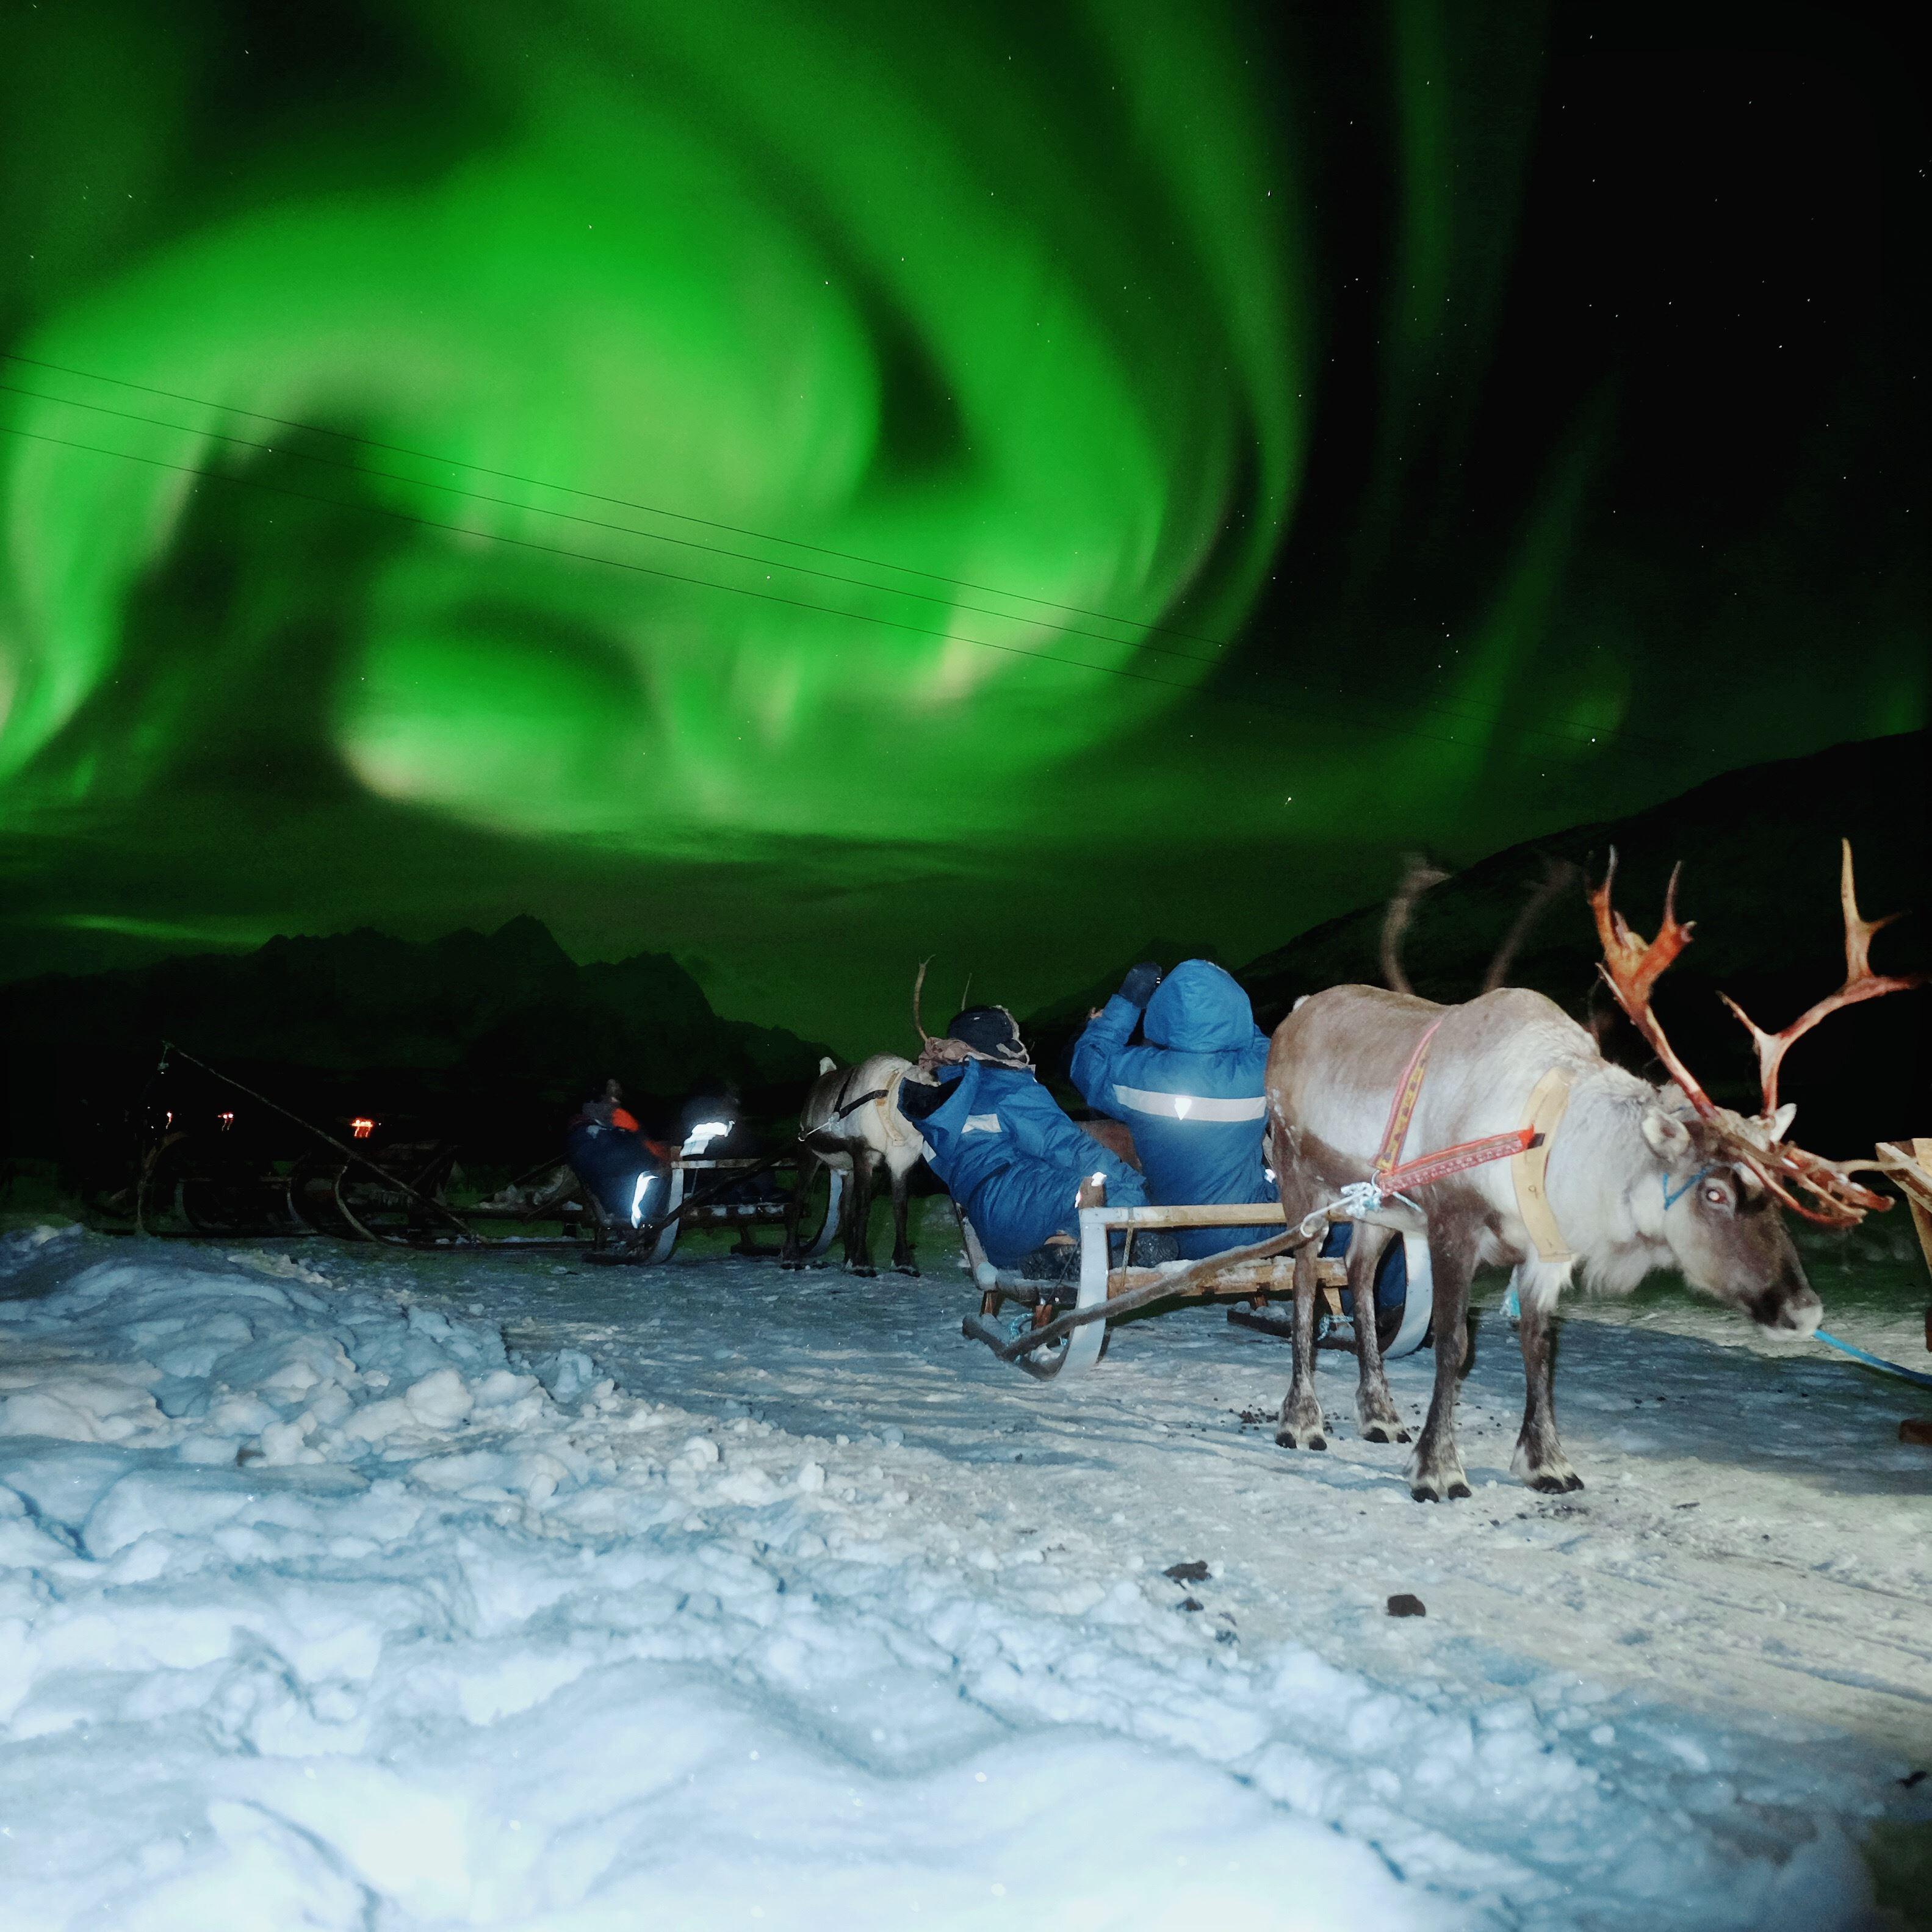 Reinsledekjøring og Nordlys - Tromsø Lapland